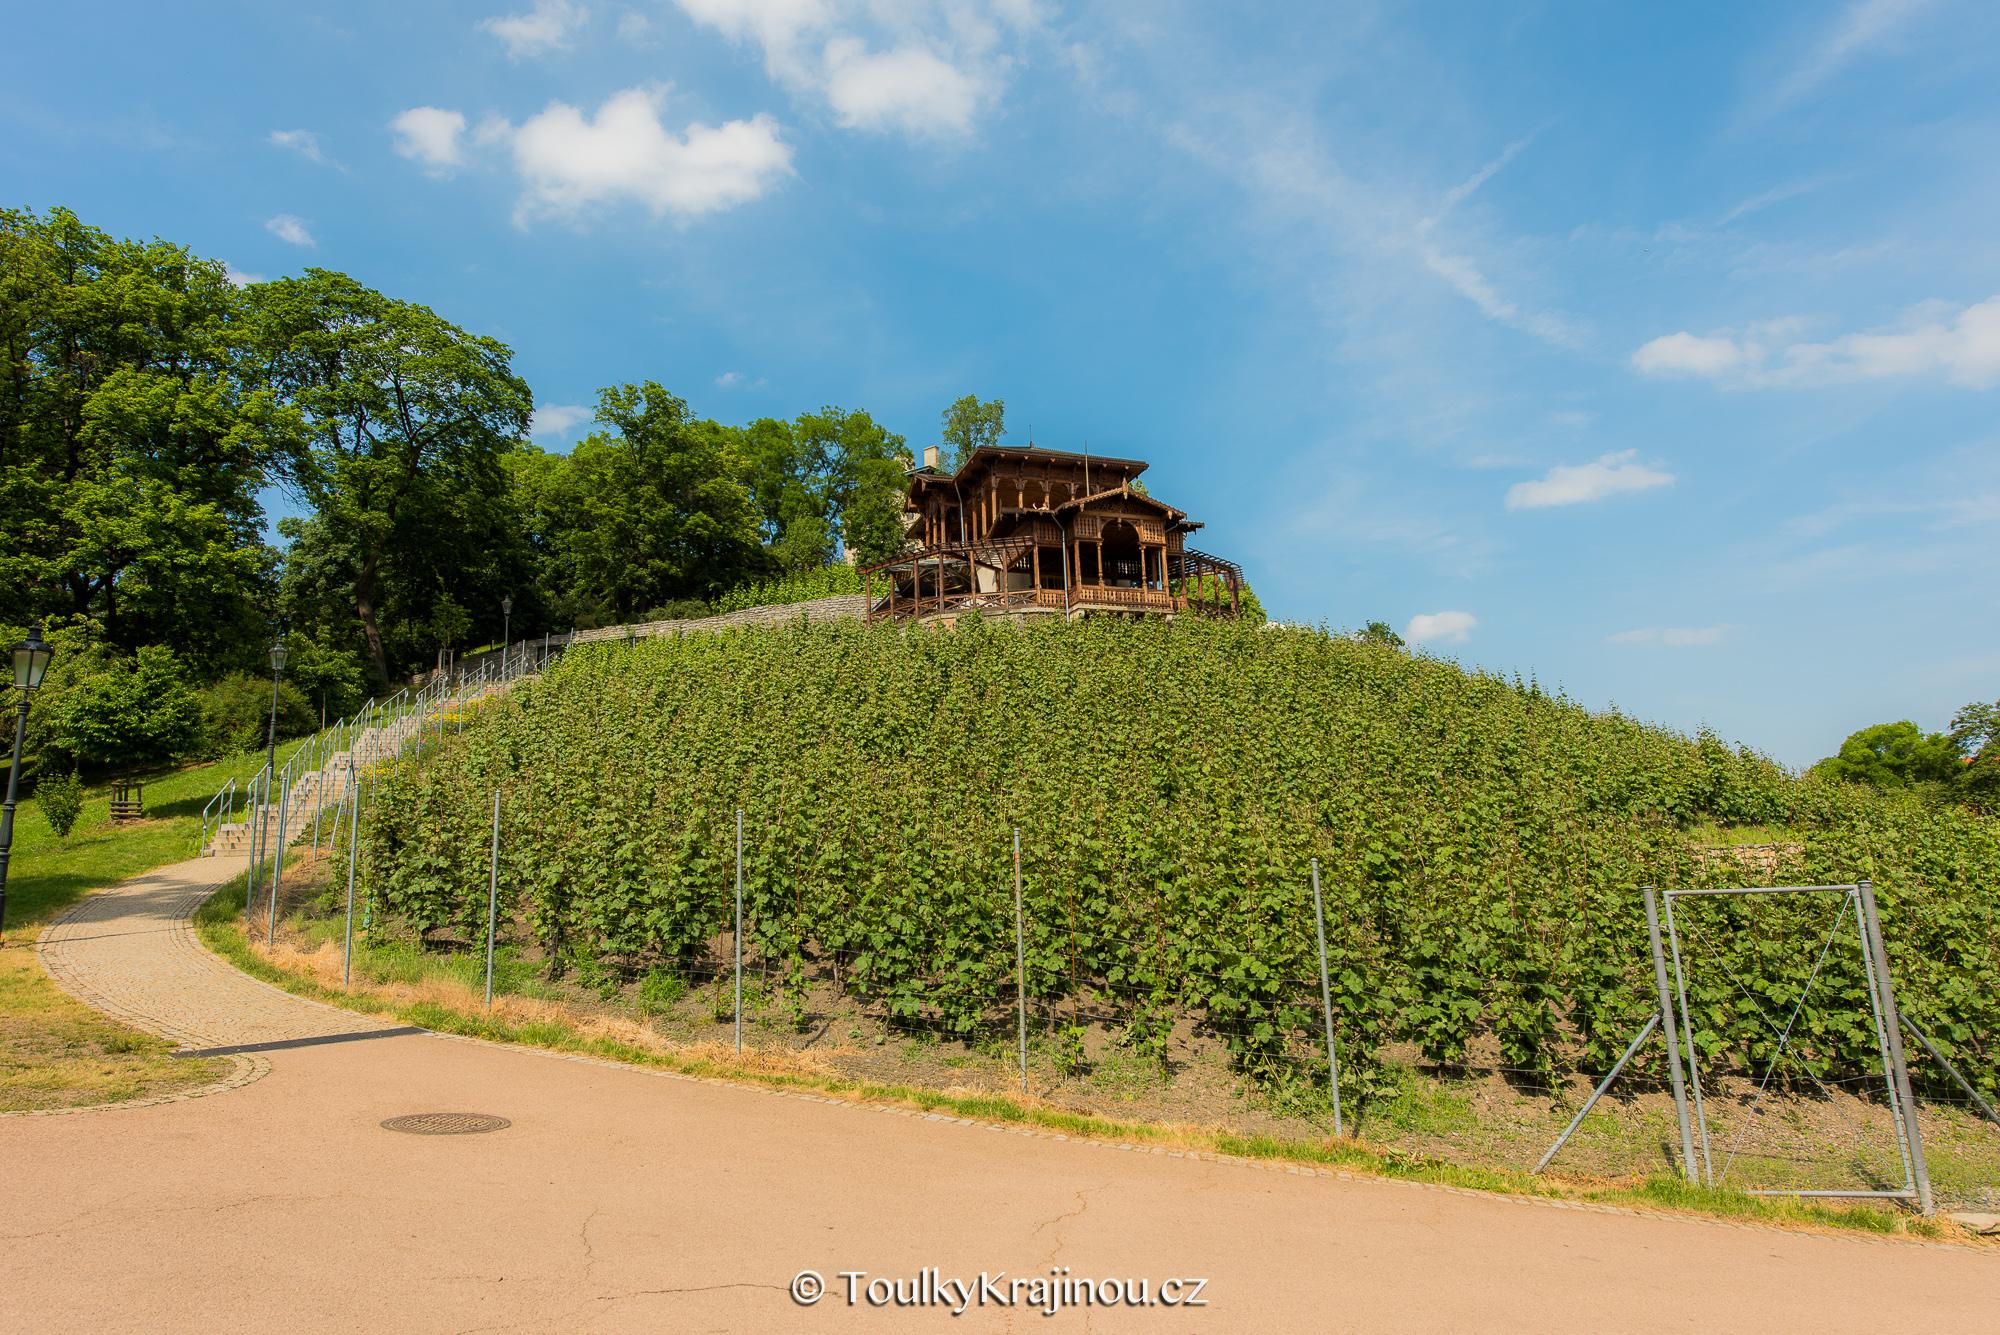 Dřevěný altán nad vinicí v Havlíčkových sadech.